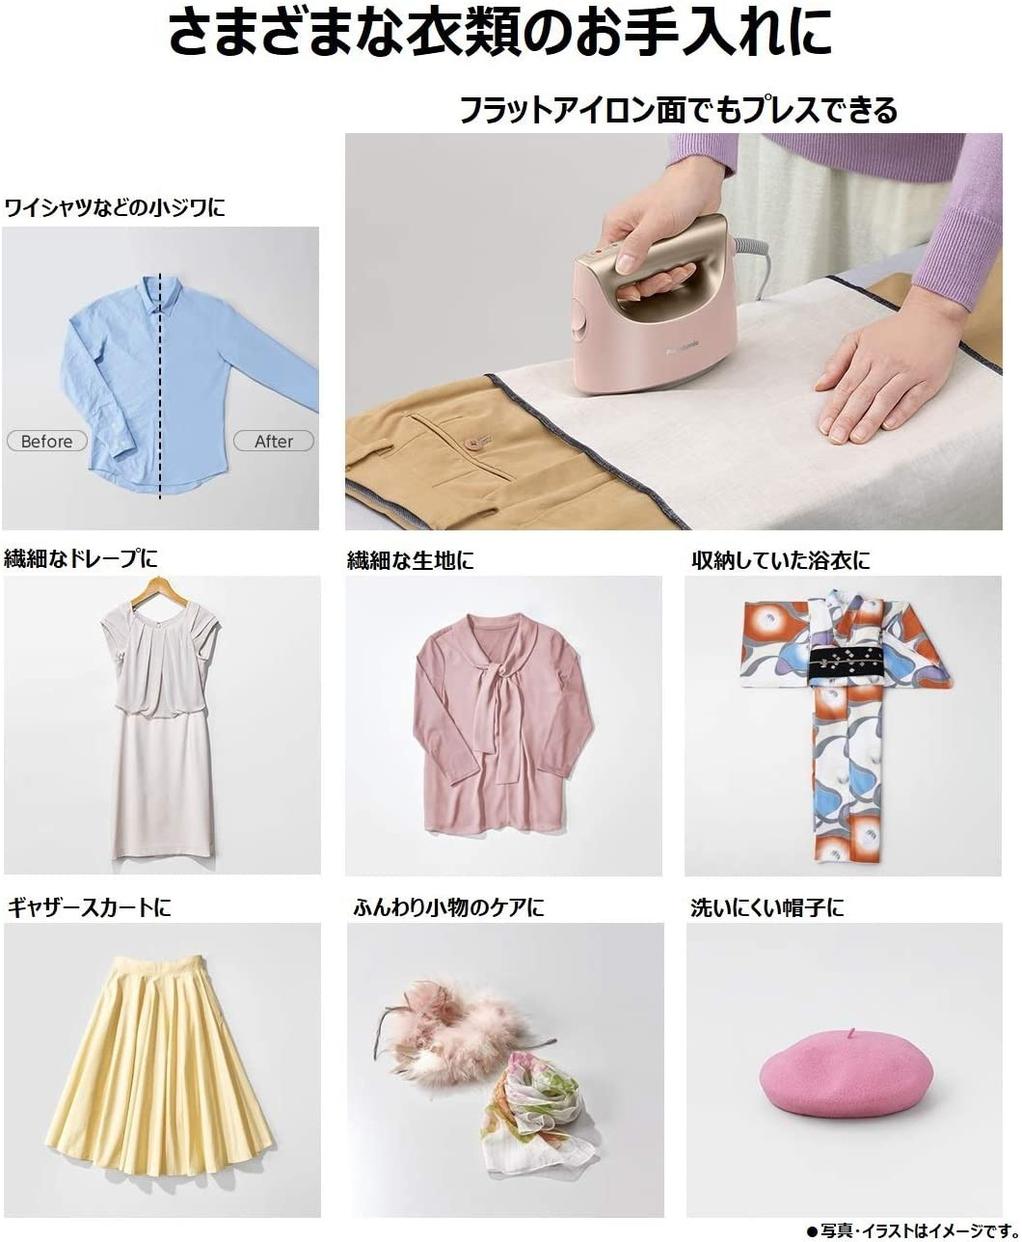 Panasonic(パナソニック) 衣類スチーマー NI-FS550の商品画像7